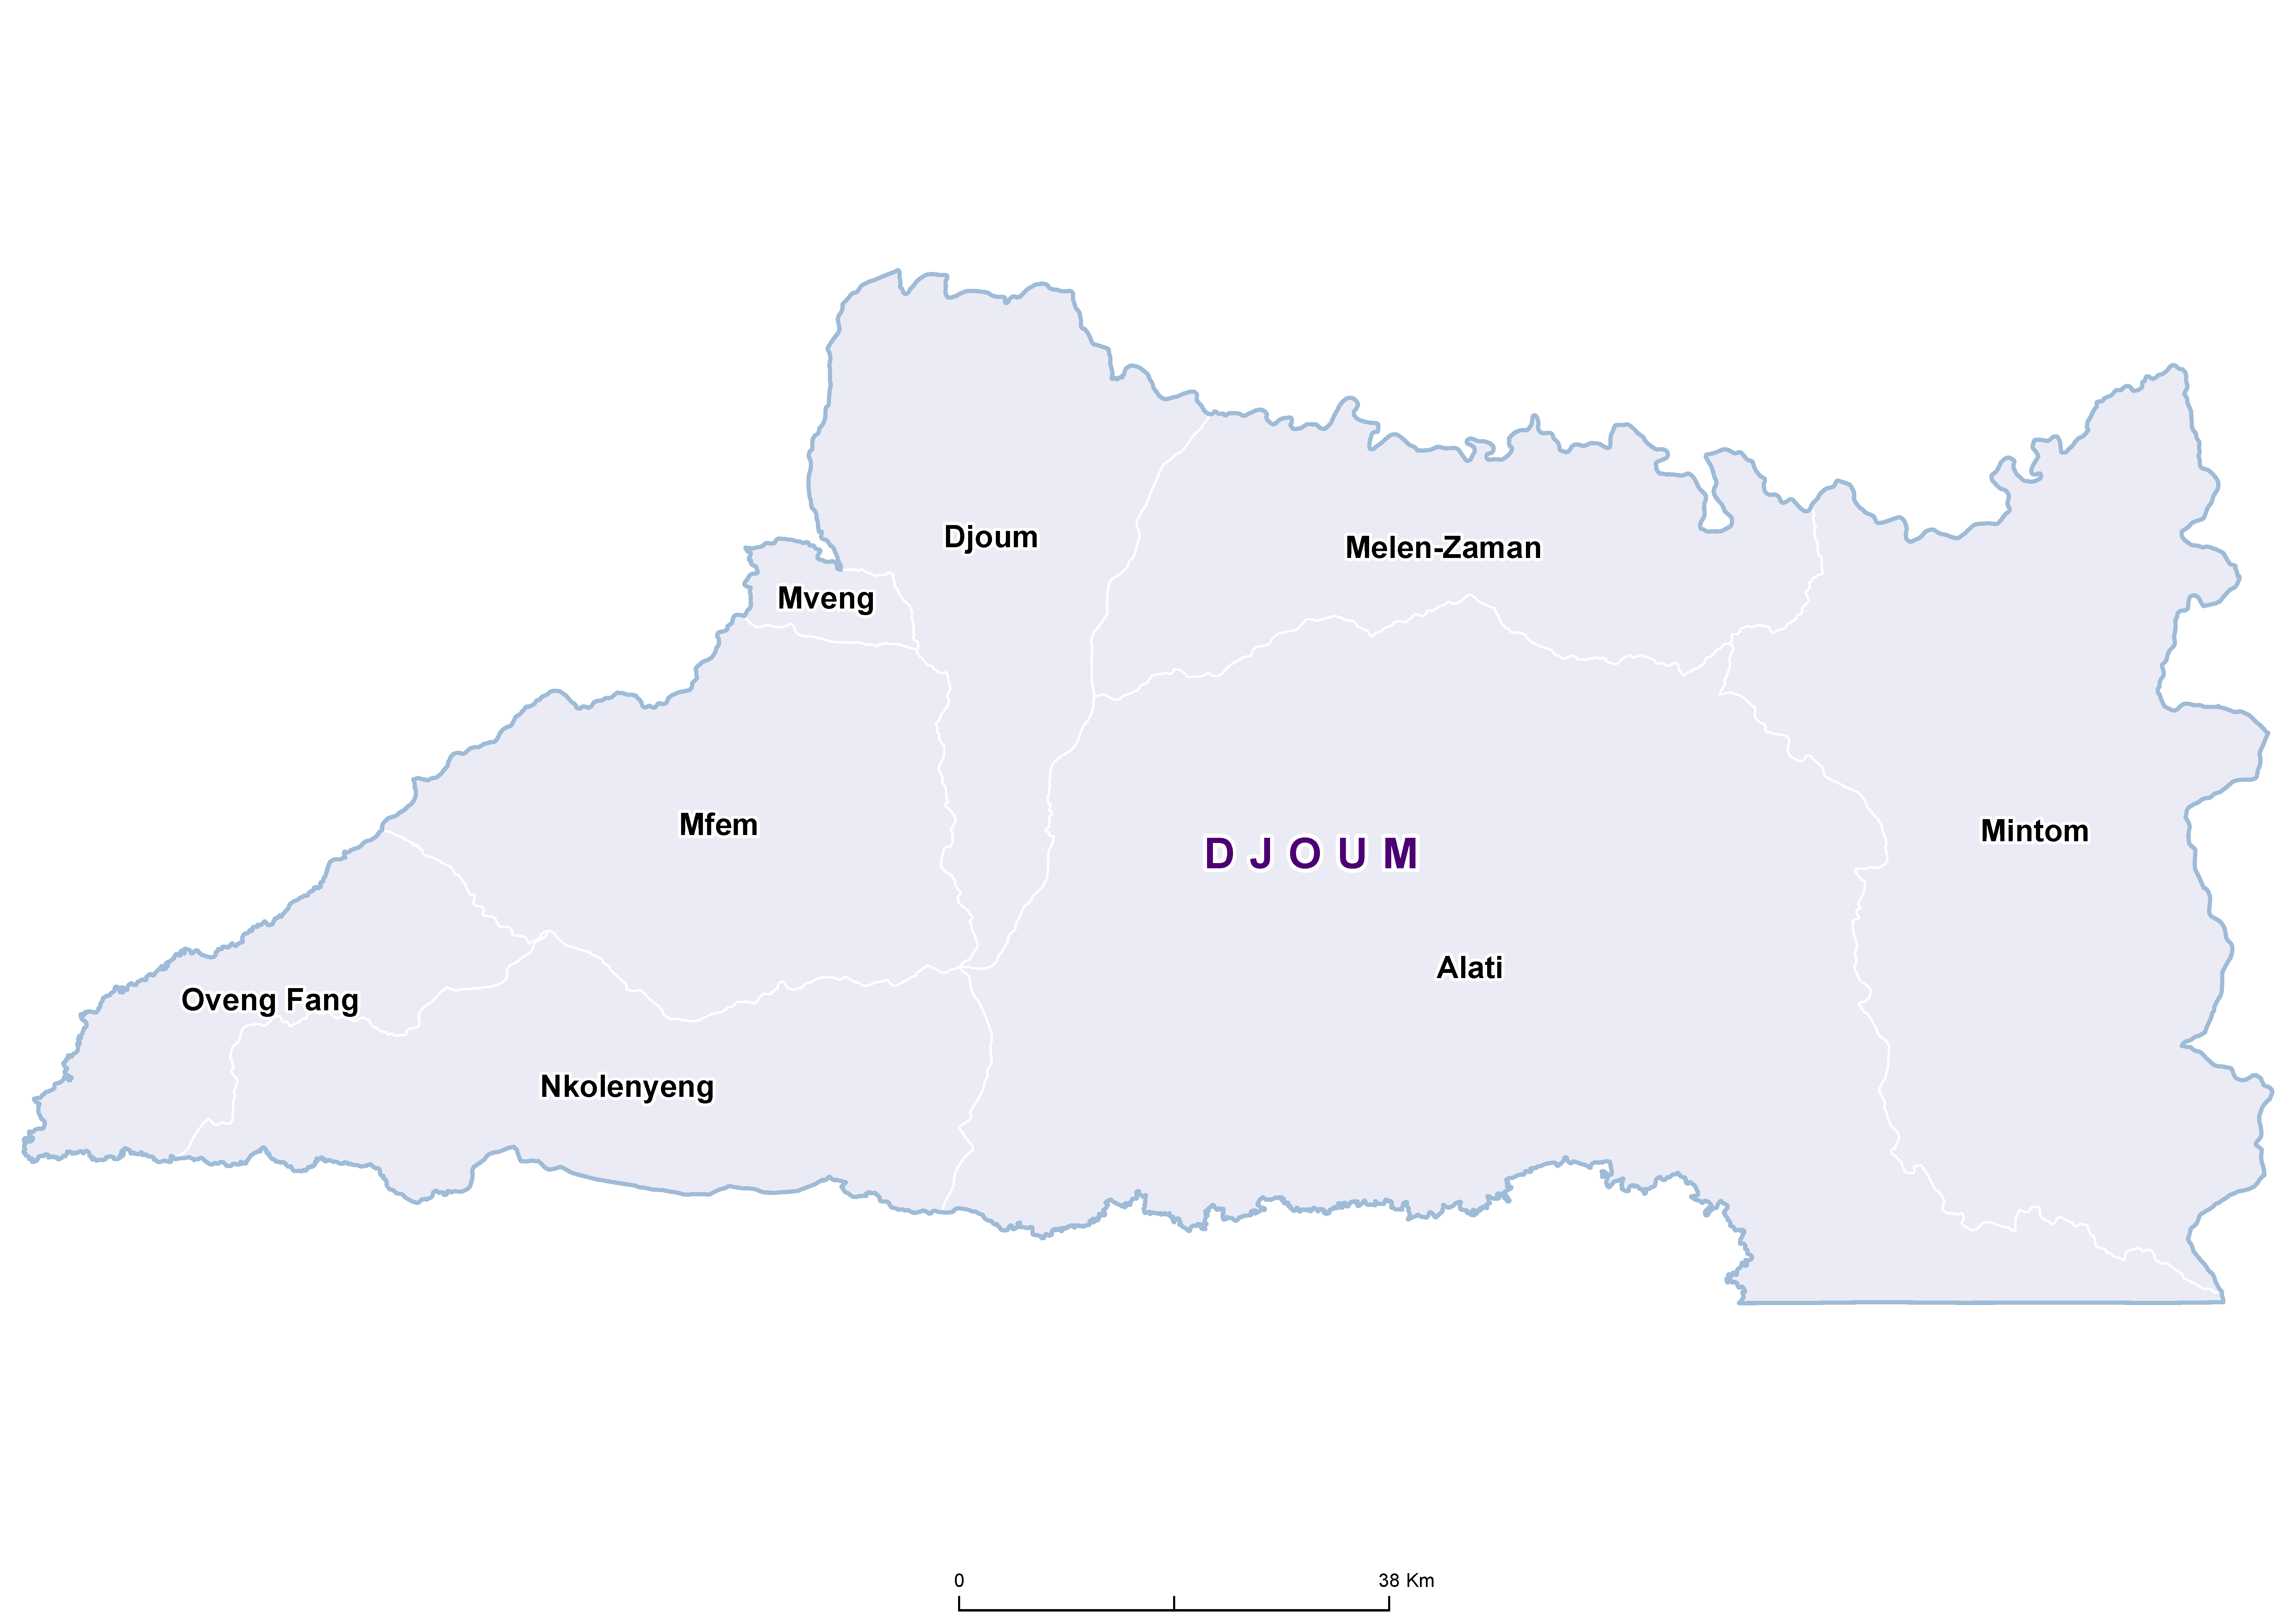 Djoum SCH 20180001